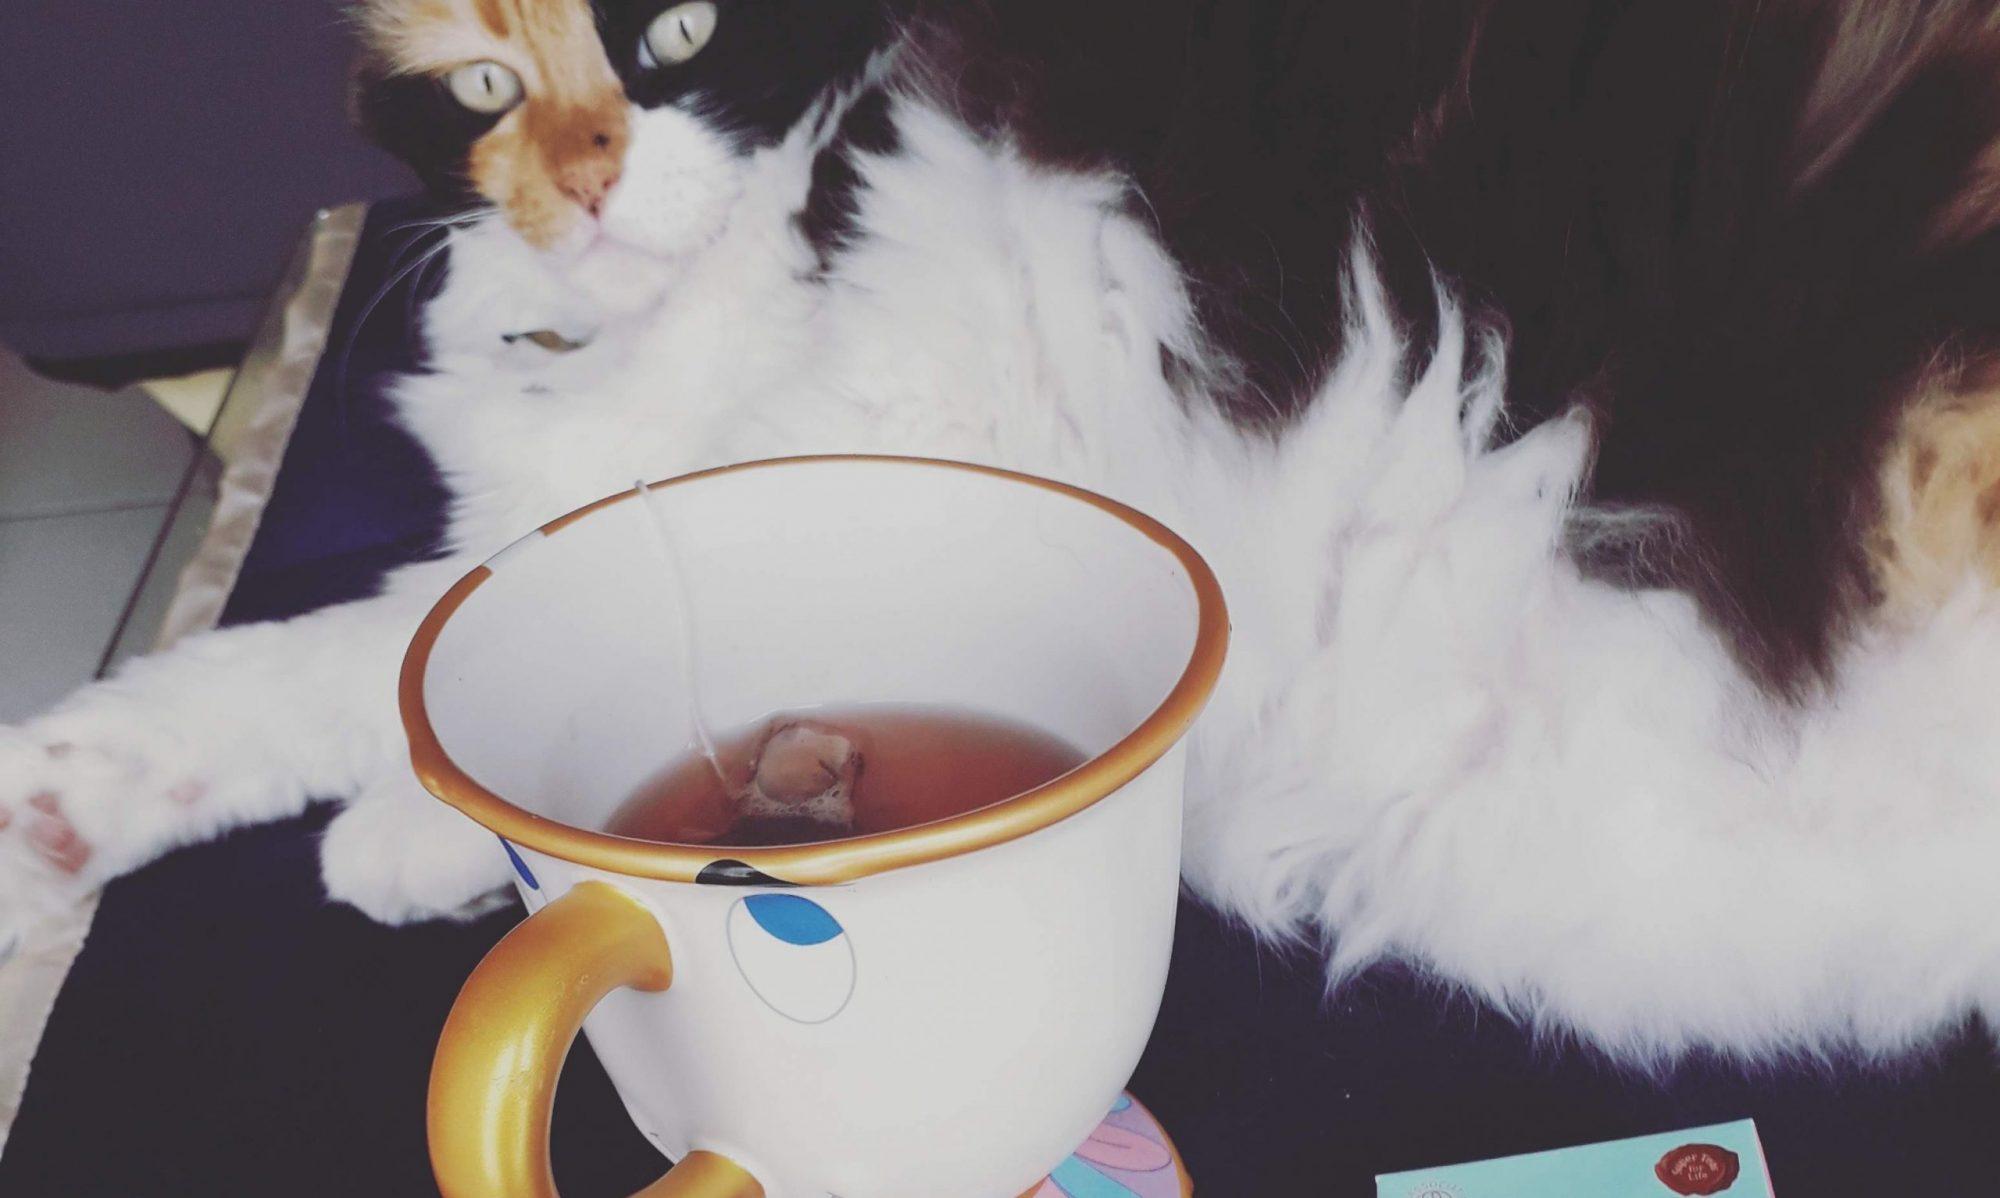 L'académie du chat lettré